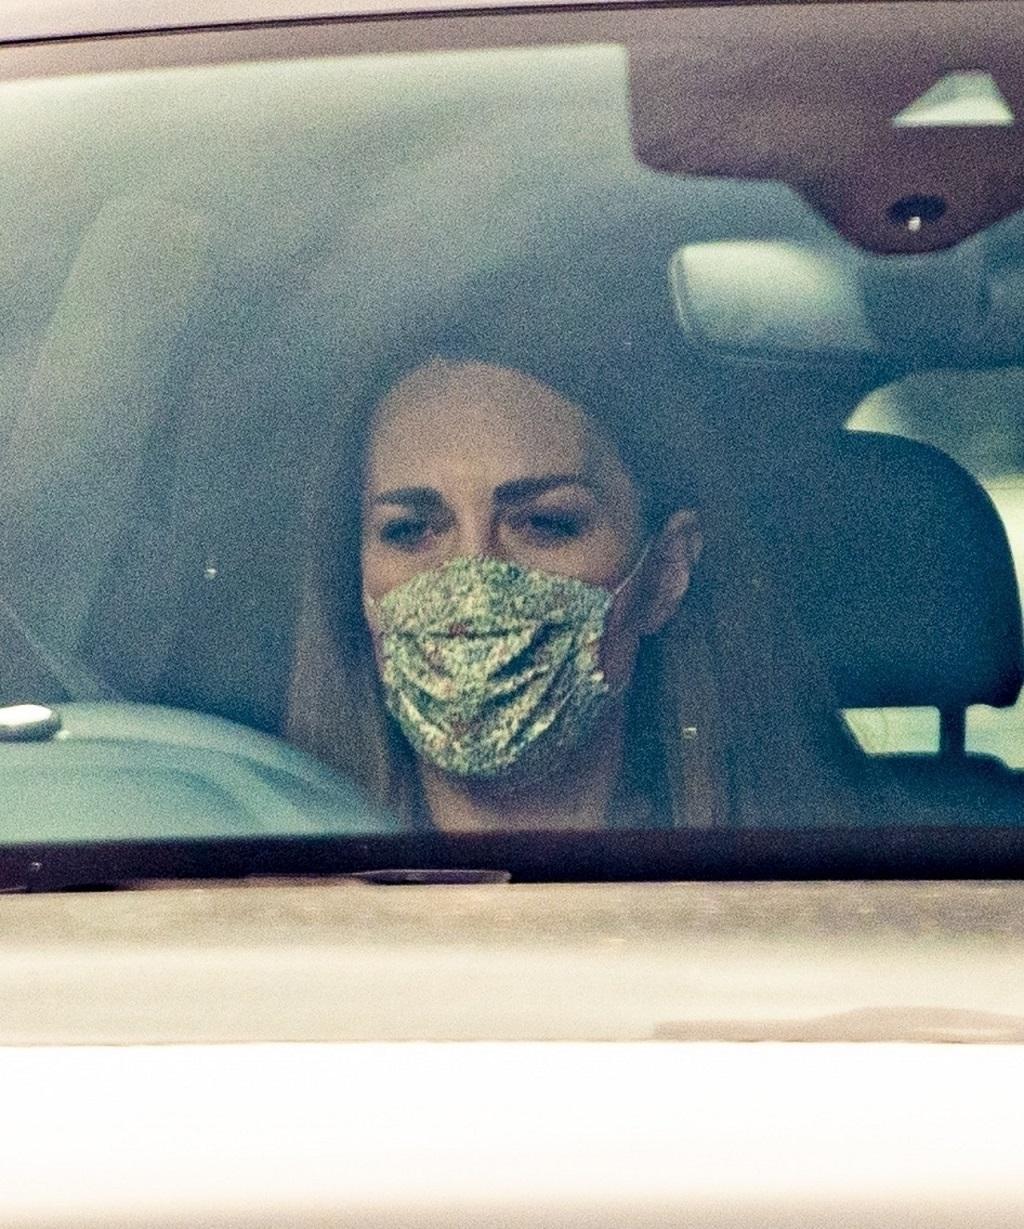 Kate Middleton publicznie po wywiadzie Meghan u Ophry.